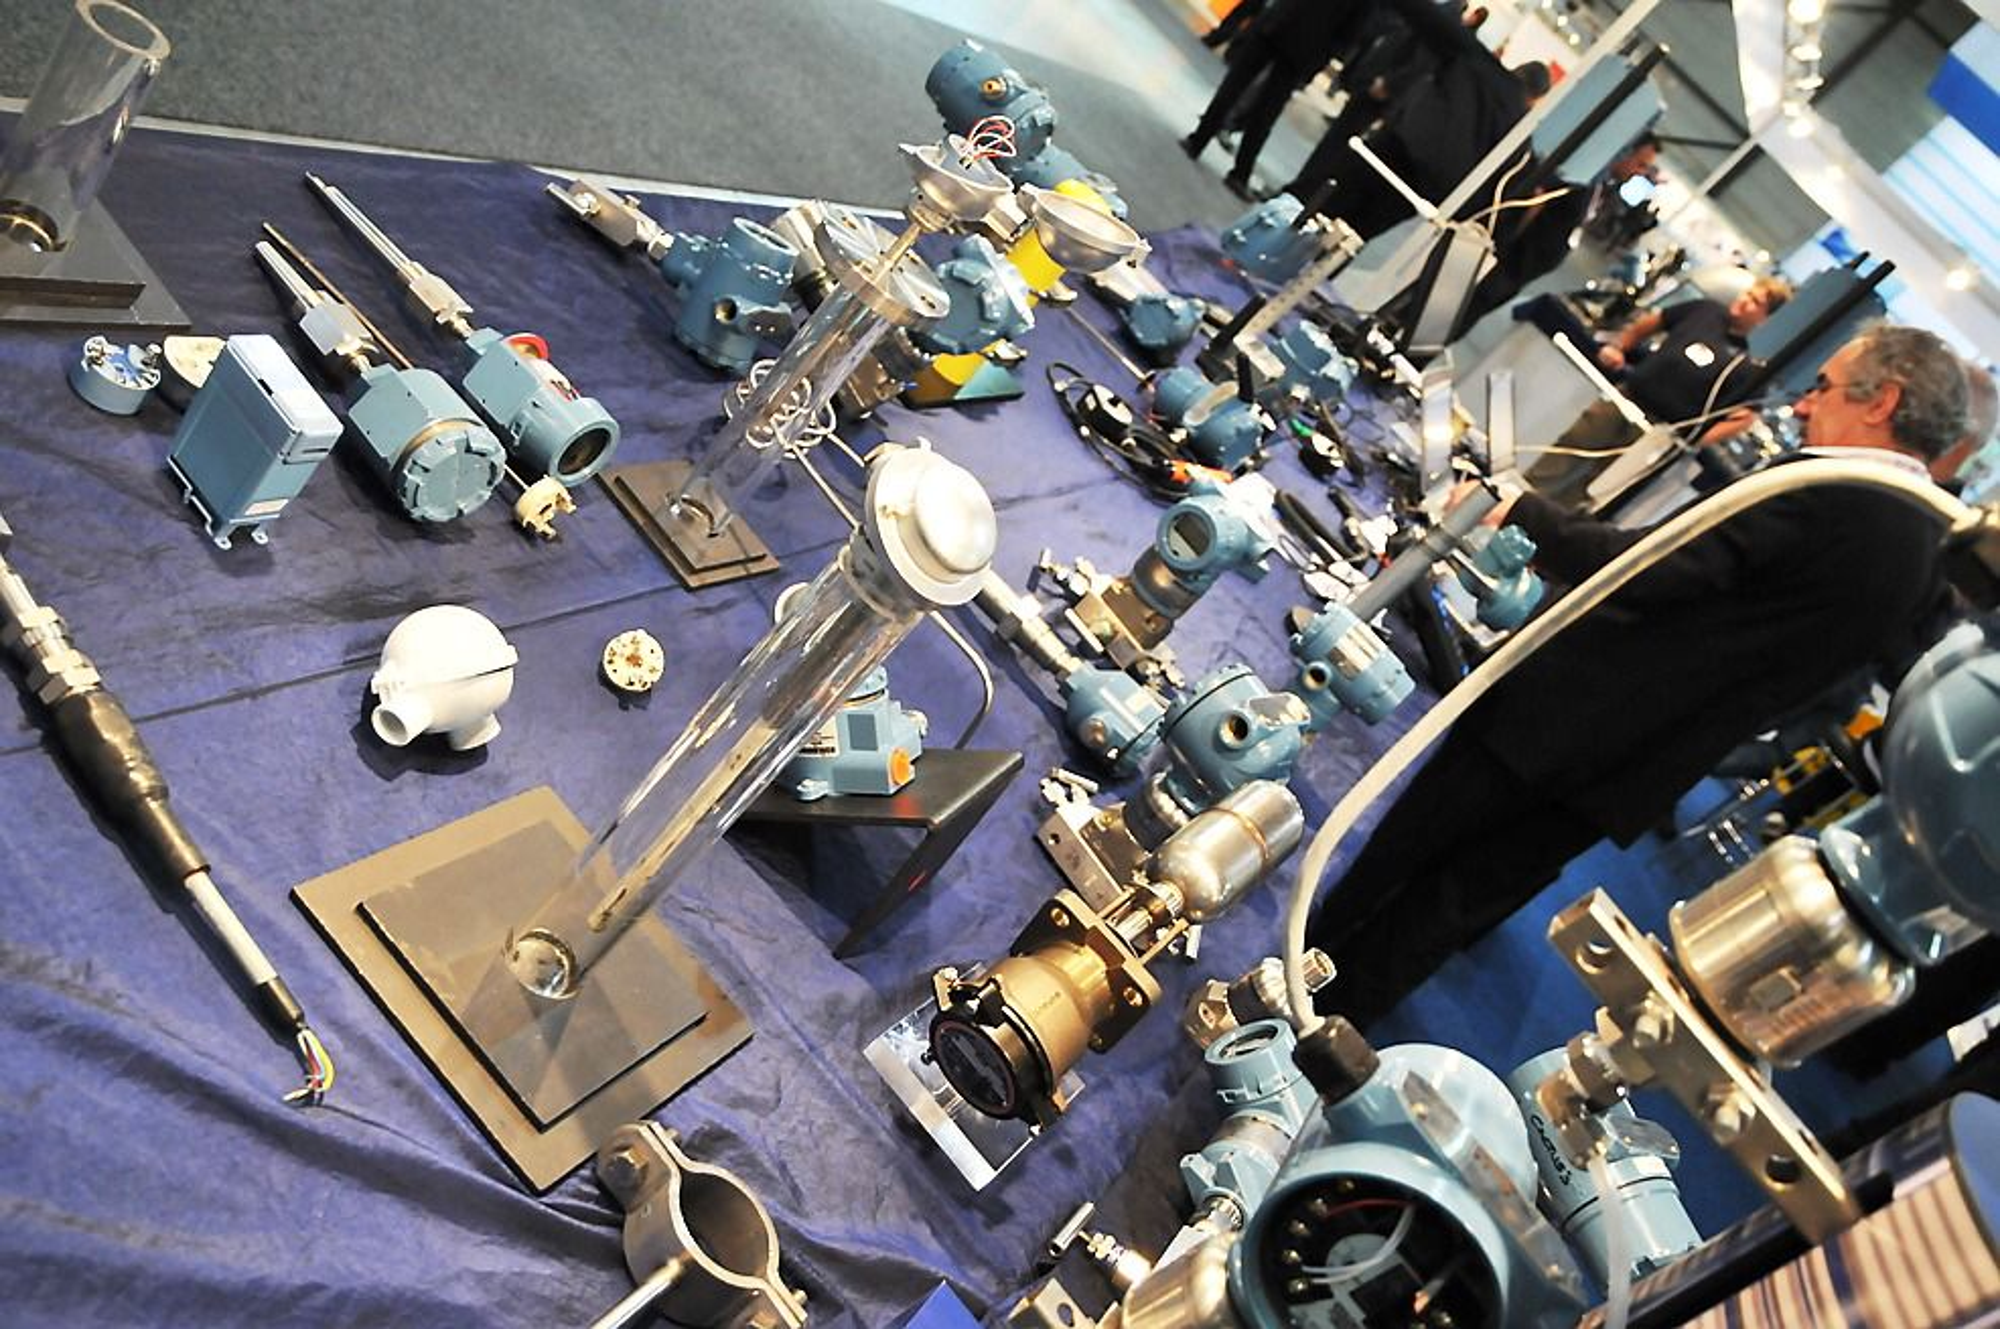 PEA-messen skal øke automatiseringsinteressen på Eliaden 2014, samtidig borger samlingen for mer prosessautomatisering.